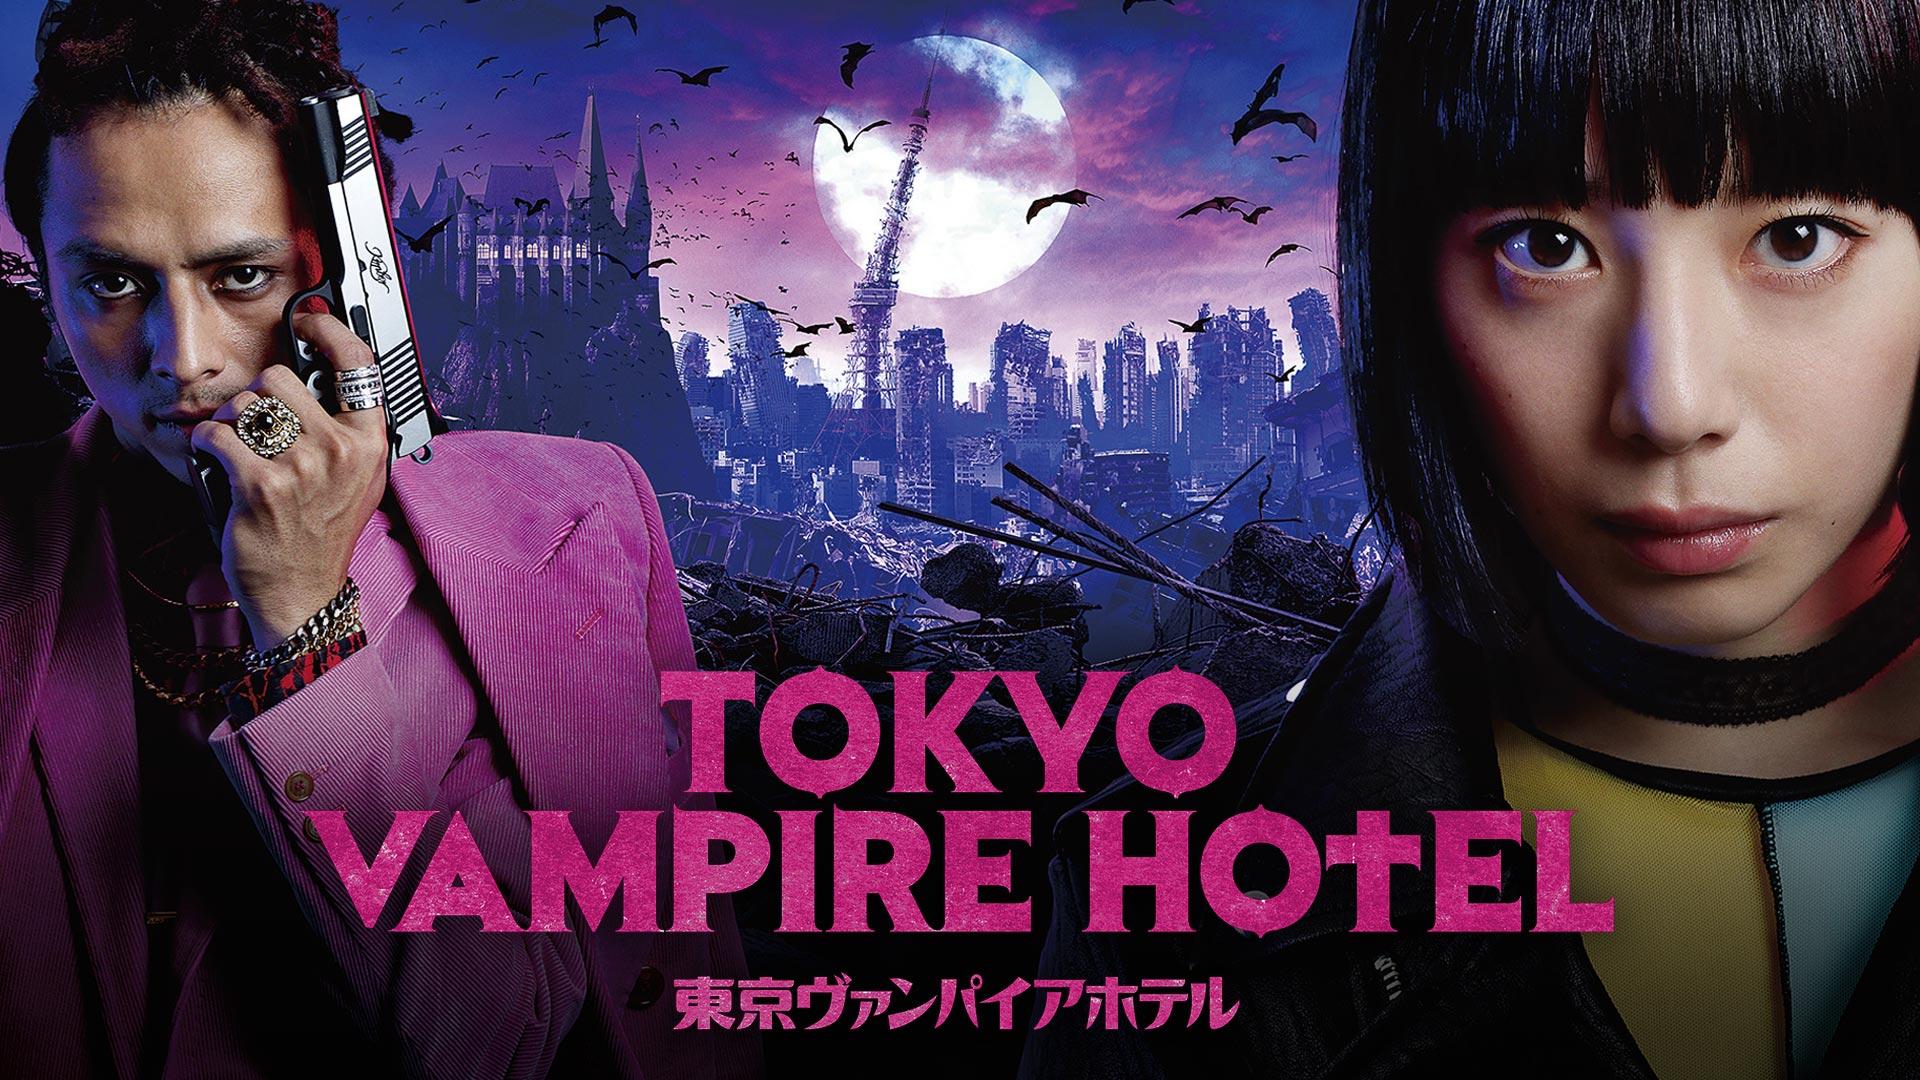 『東京ヴァンパイアホテル 映画版』 TOKYO VAMPIRE HOTEL